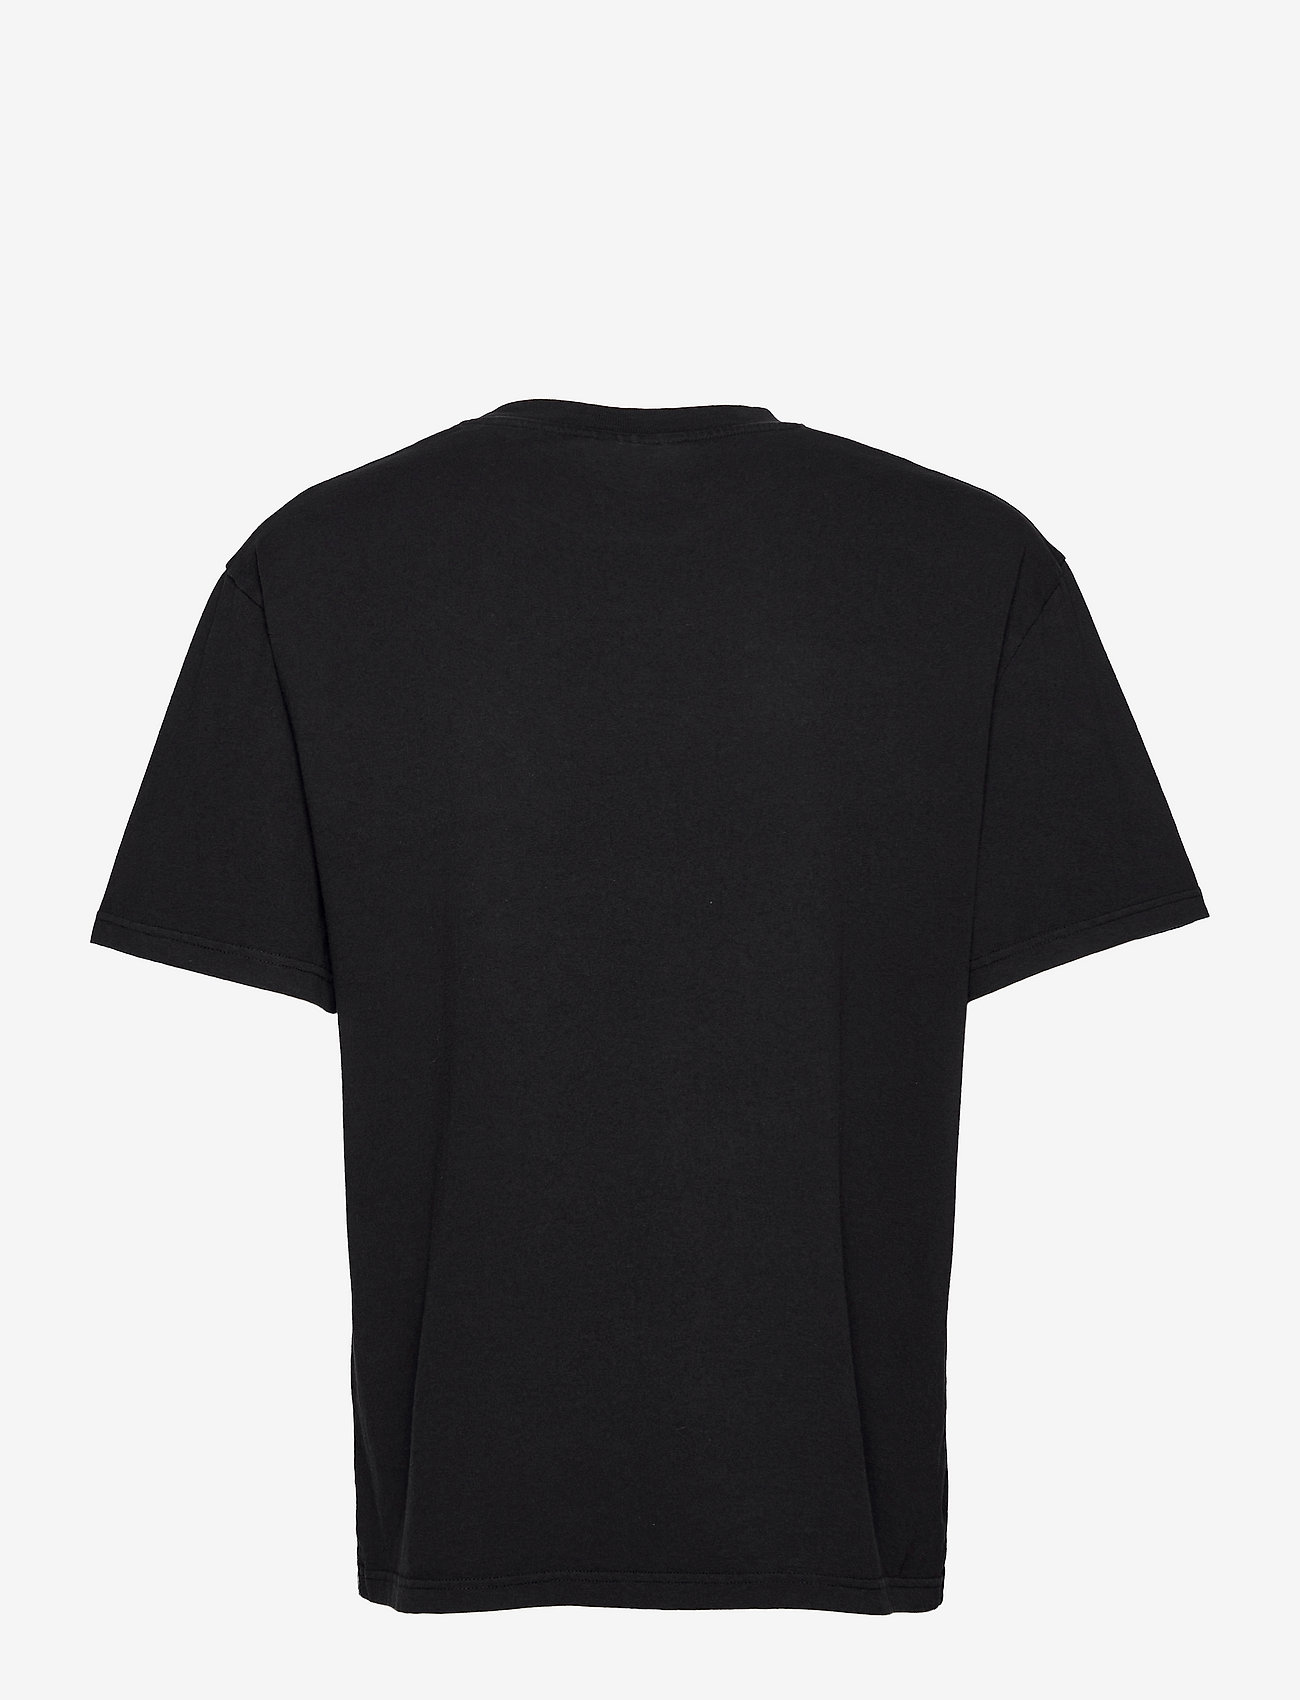 HAN Kjøbenhavn - Boxy Tee Short Sleeve - korte mouwen - faded black - 1